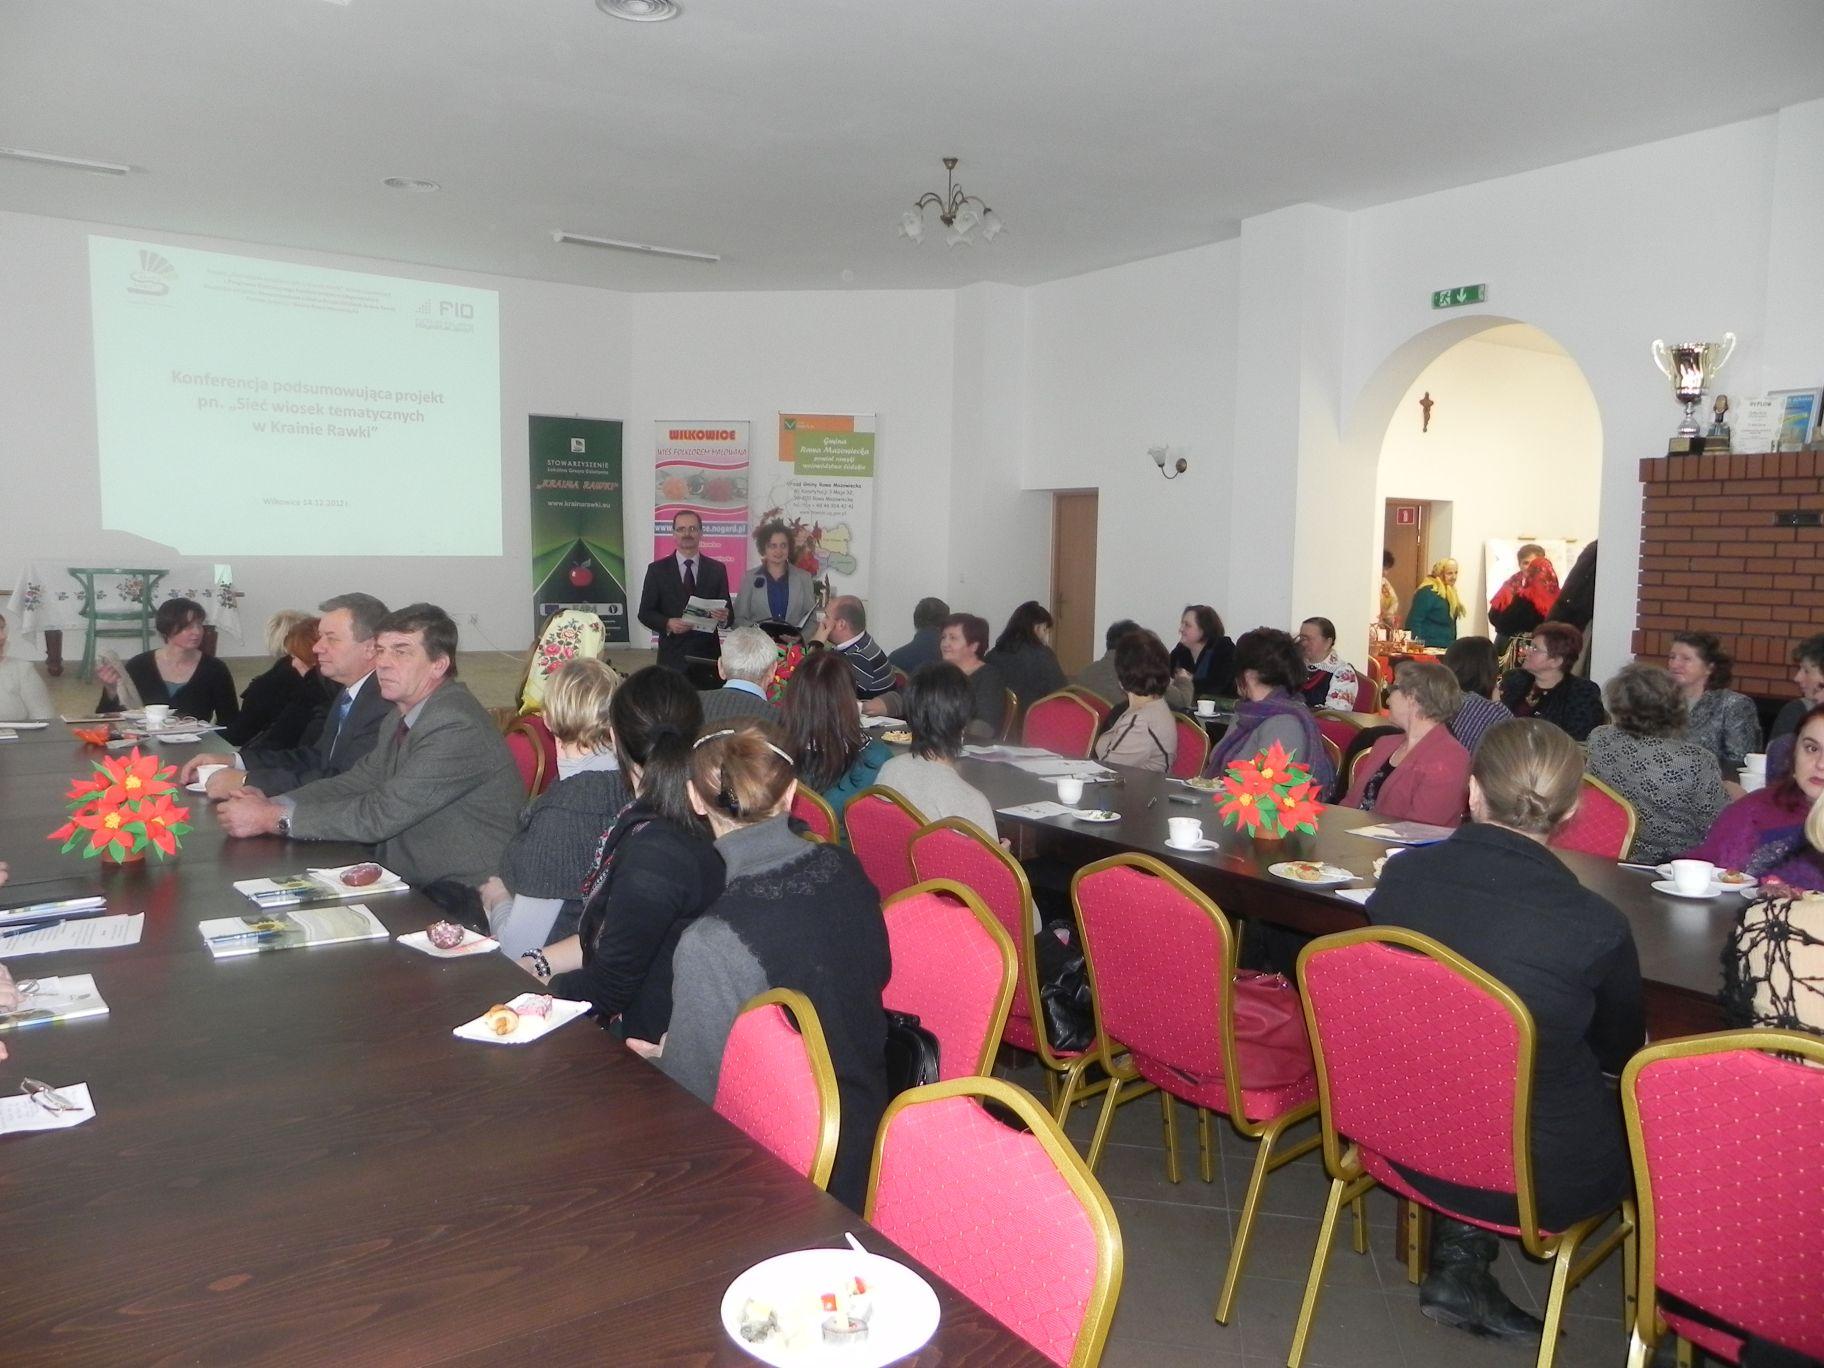 2012-12-14 Wilkowice - Konferencja Wioski tematyczne (84)